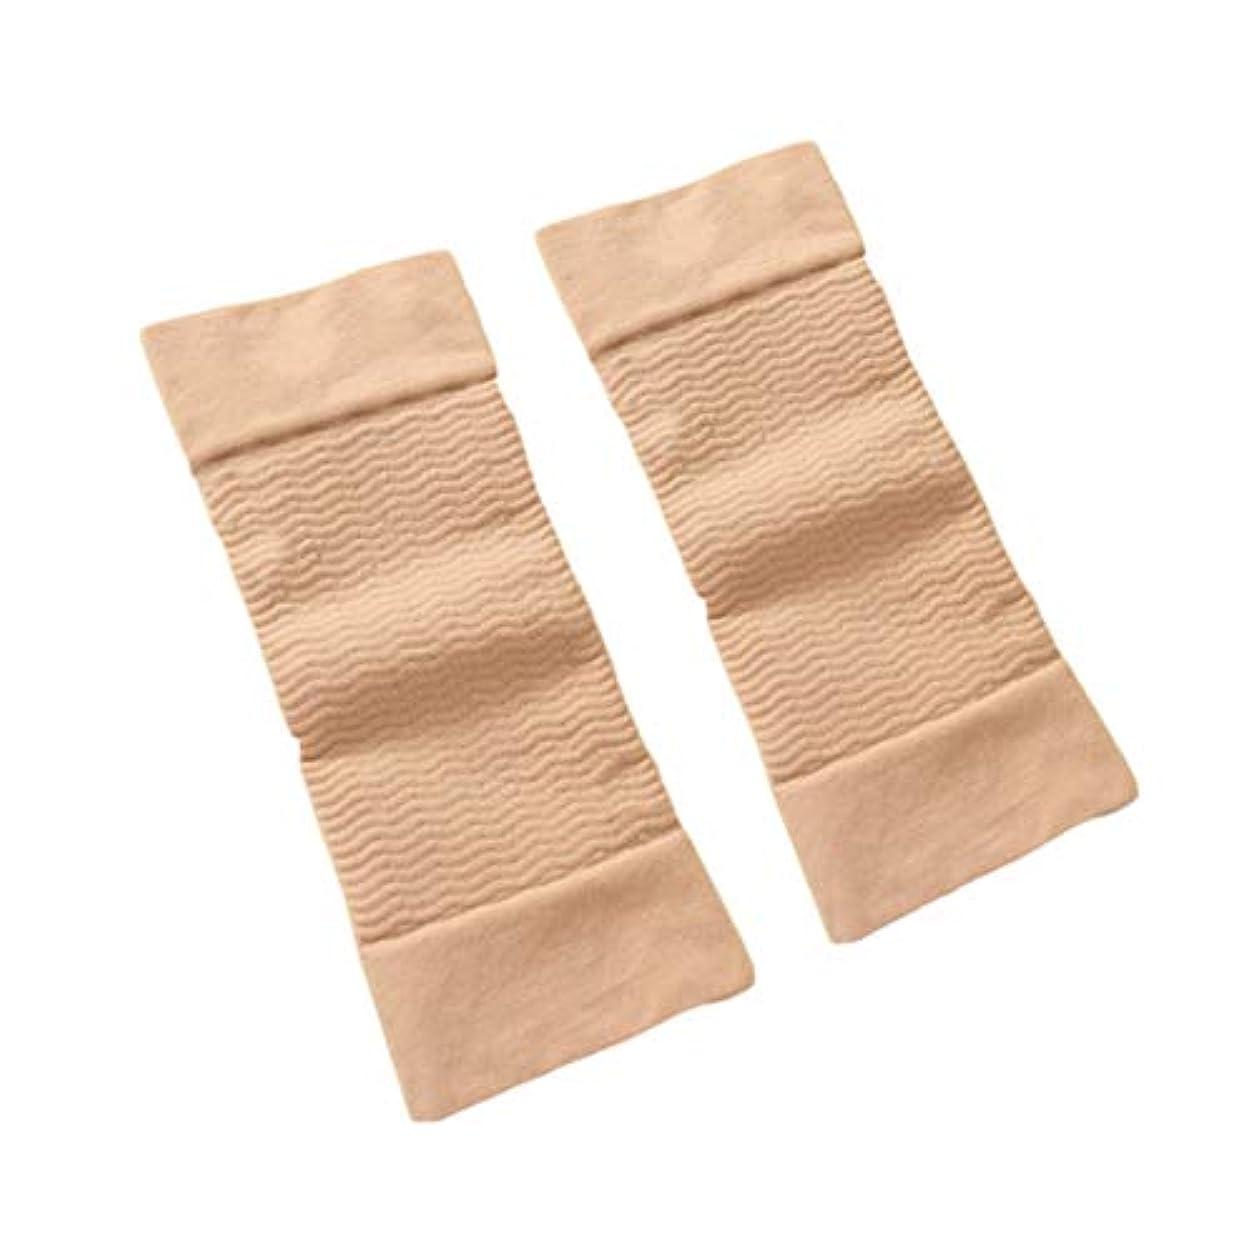 金銭的なパス資金1ペア420 D圧縮痩身アームスリーブワークアウトトーニングバーンセルライトシェイパー脂肪燃焼袖用女性 - 肌色